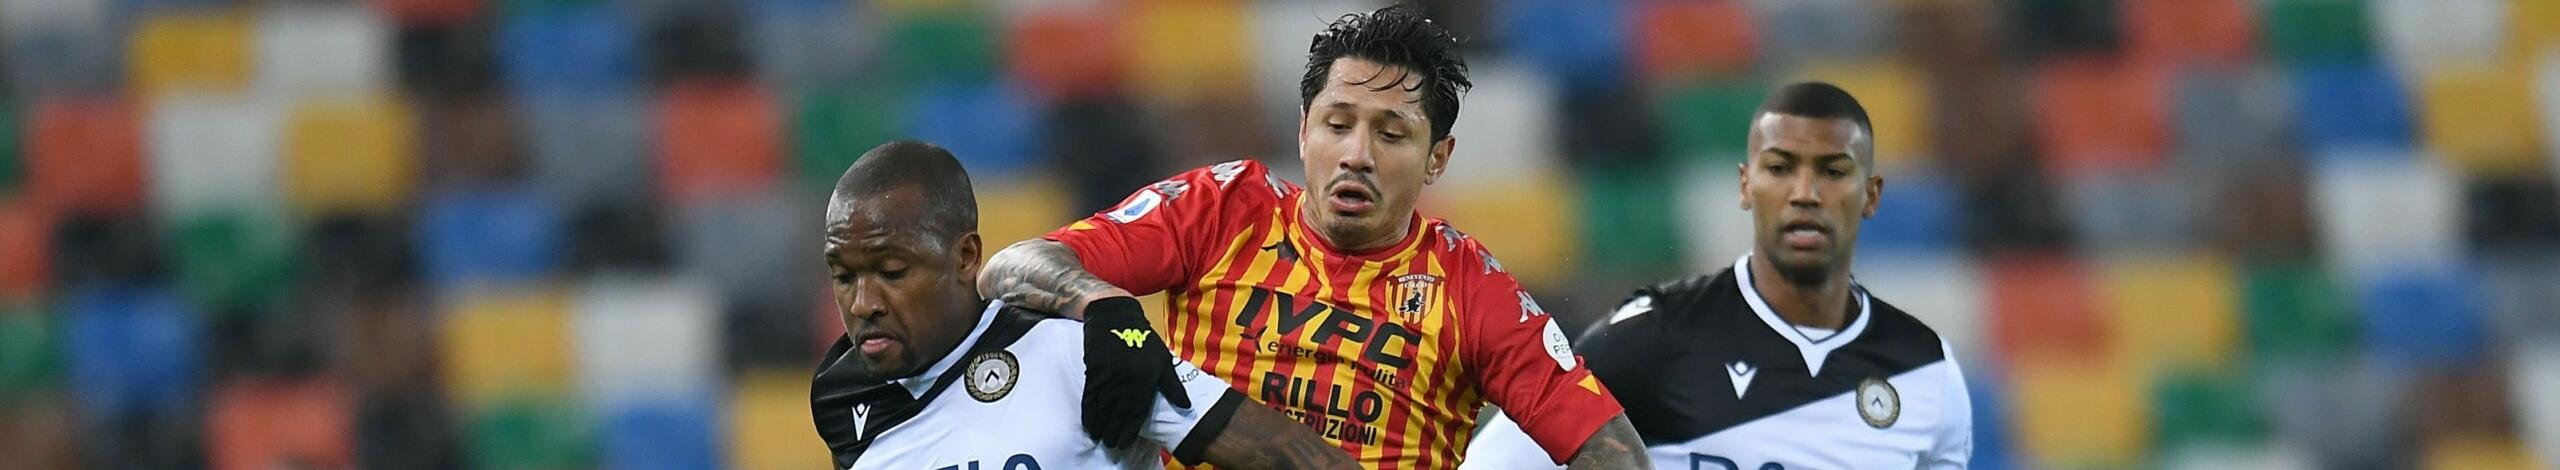 Benevento-Udinese, scontro tra due squadre in crisi di risultati